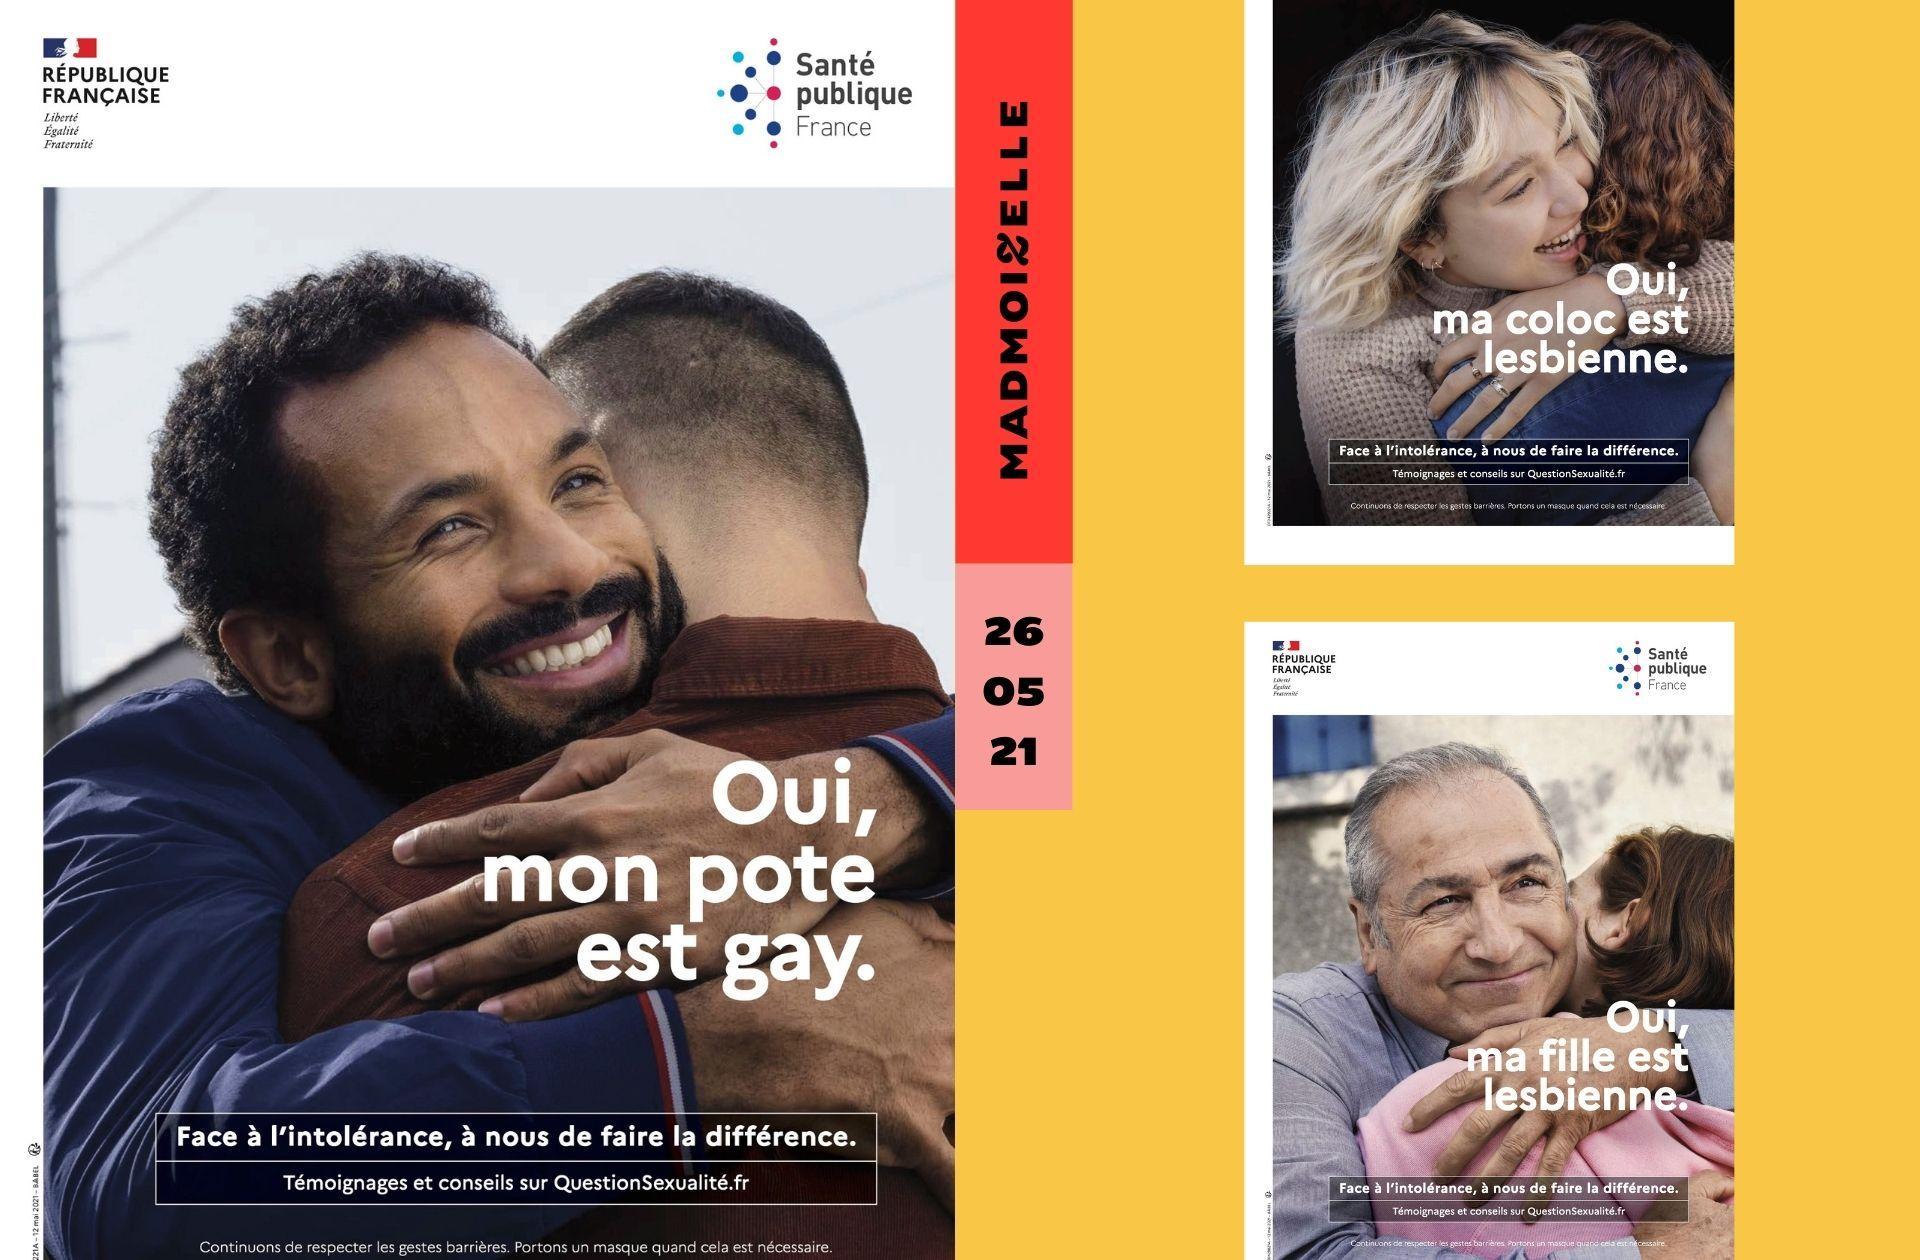 «Oui, mon pote est gay»: pourquoi ces affiches contre les LGBTIphobies font un flop